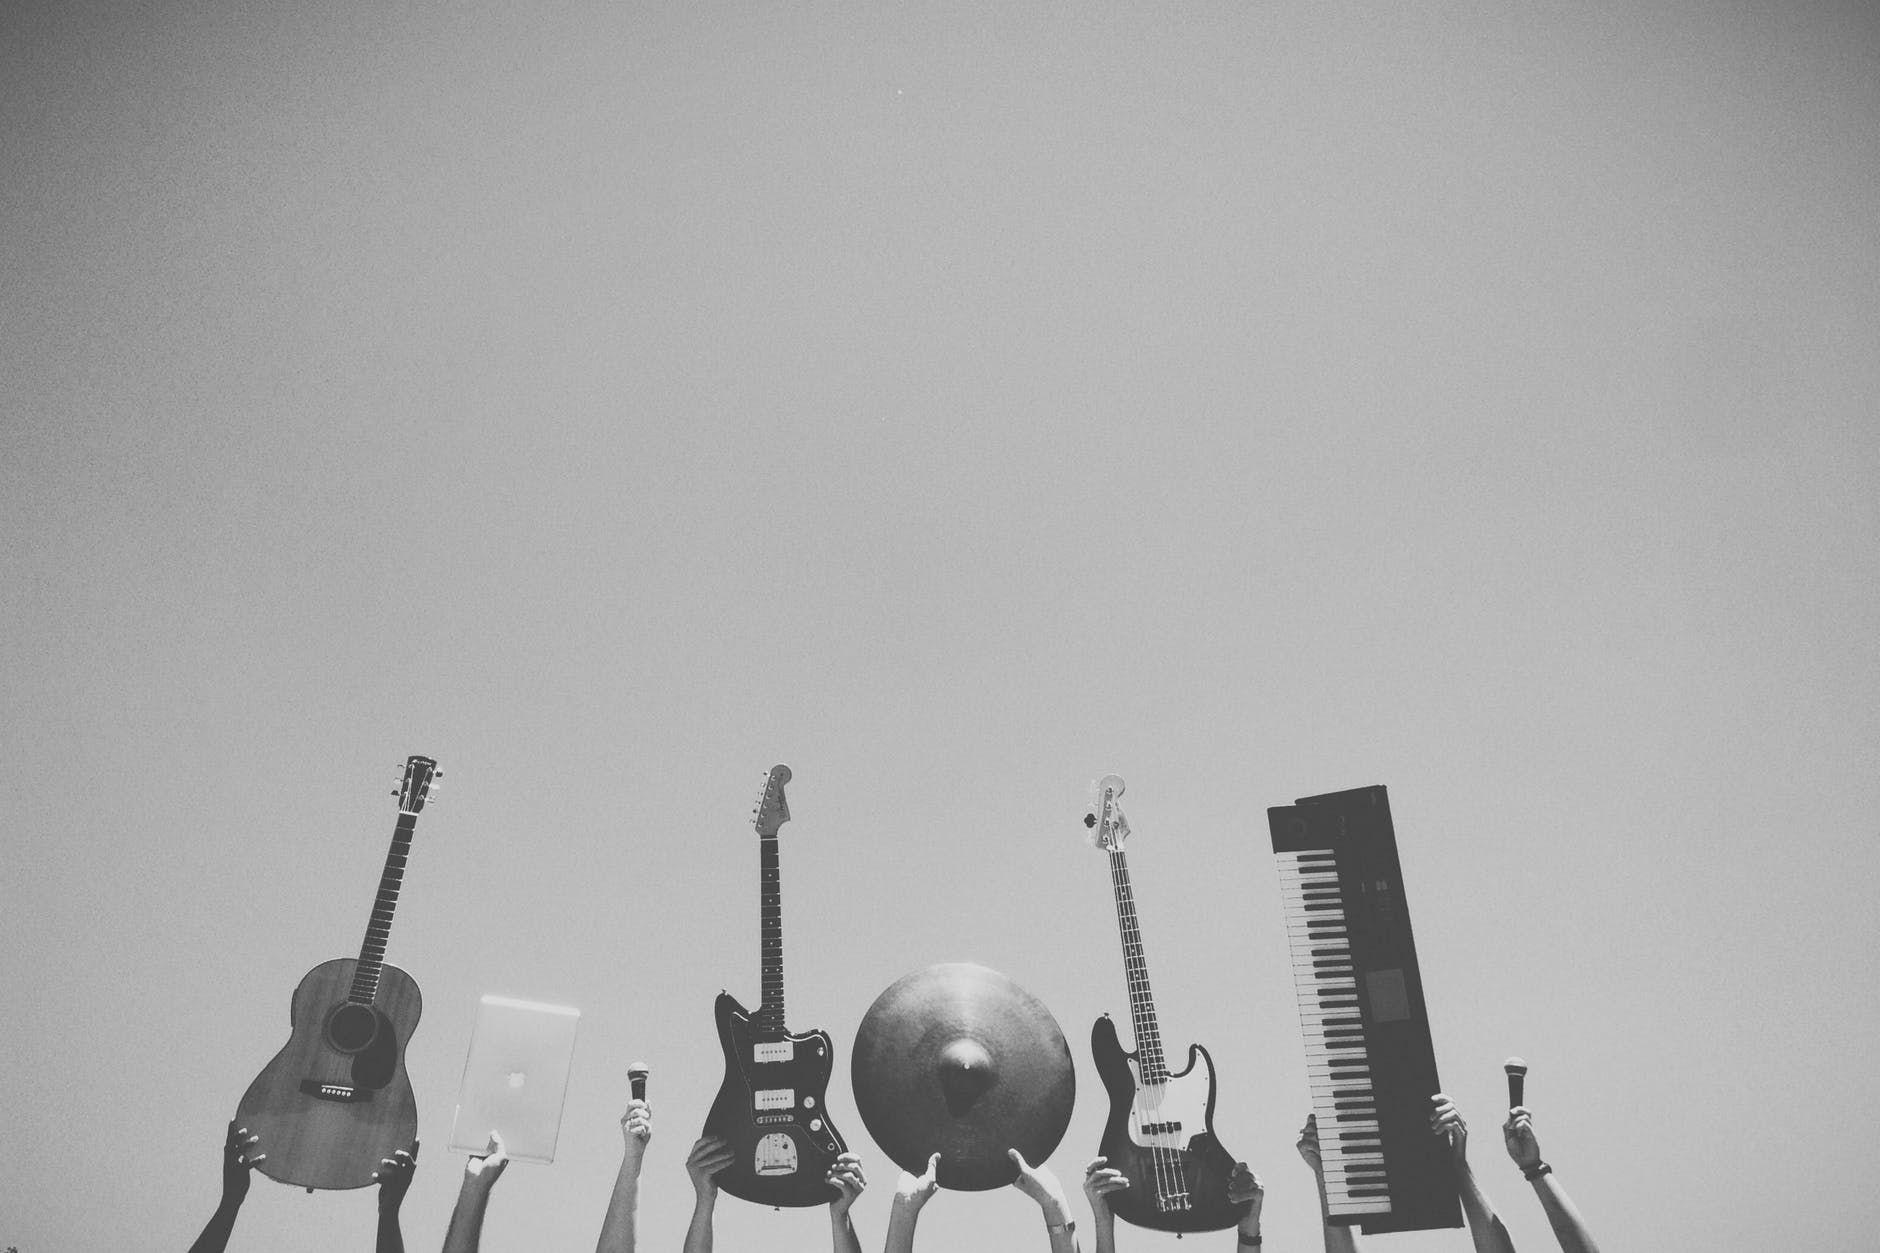 Profissionalismo artístico vai além de saber tocar um instrumento